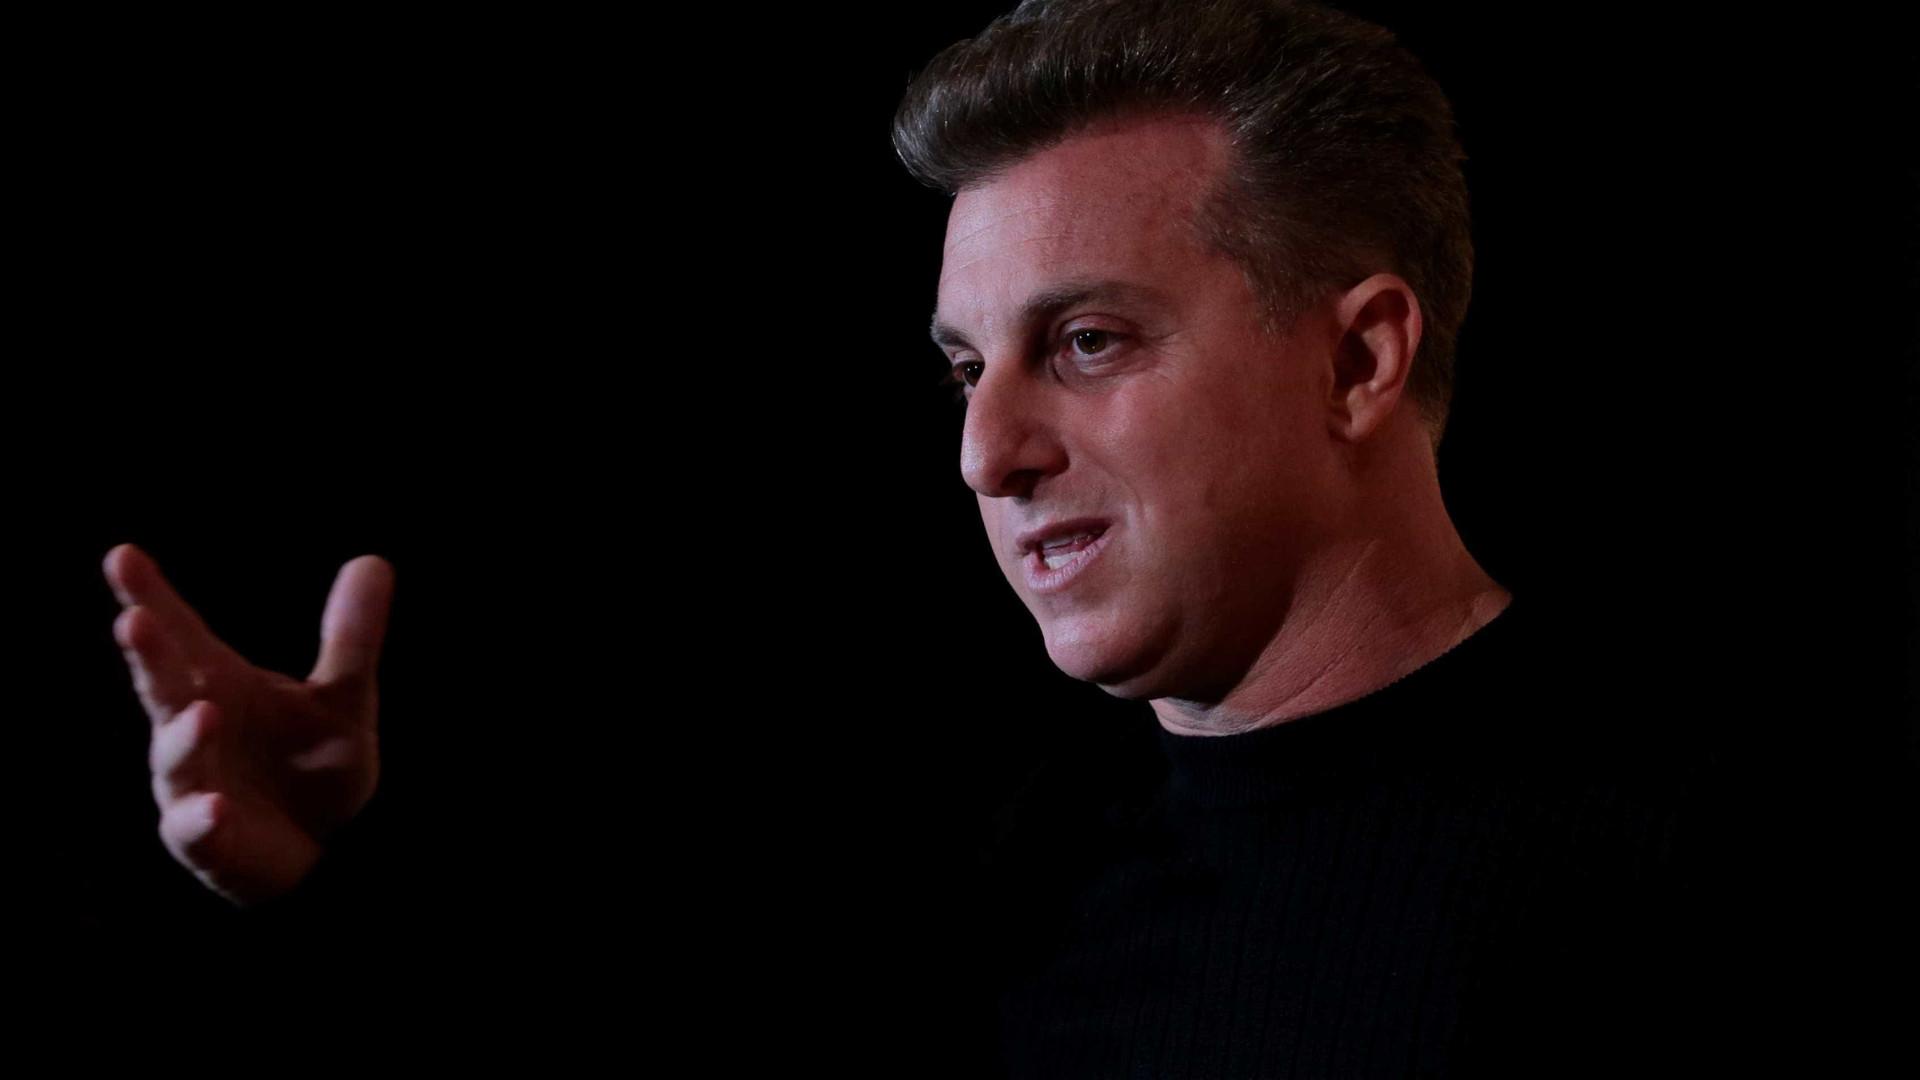 Huck critica Bolsonaro em coluna: 'tudo aquilo de que não precisamos'